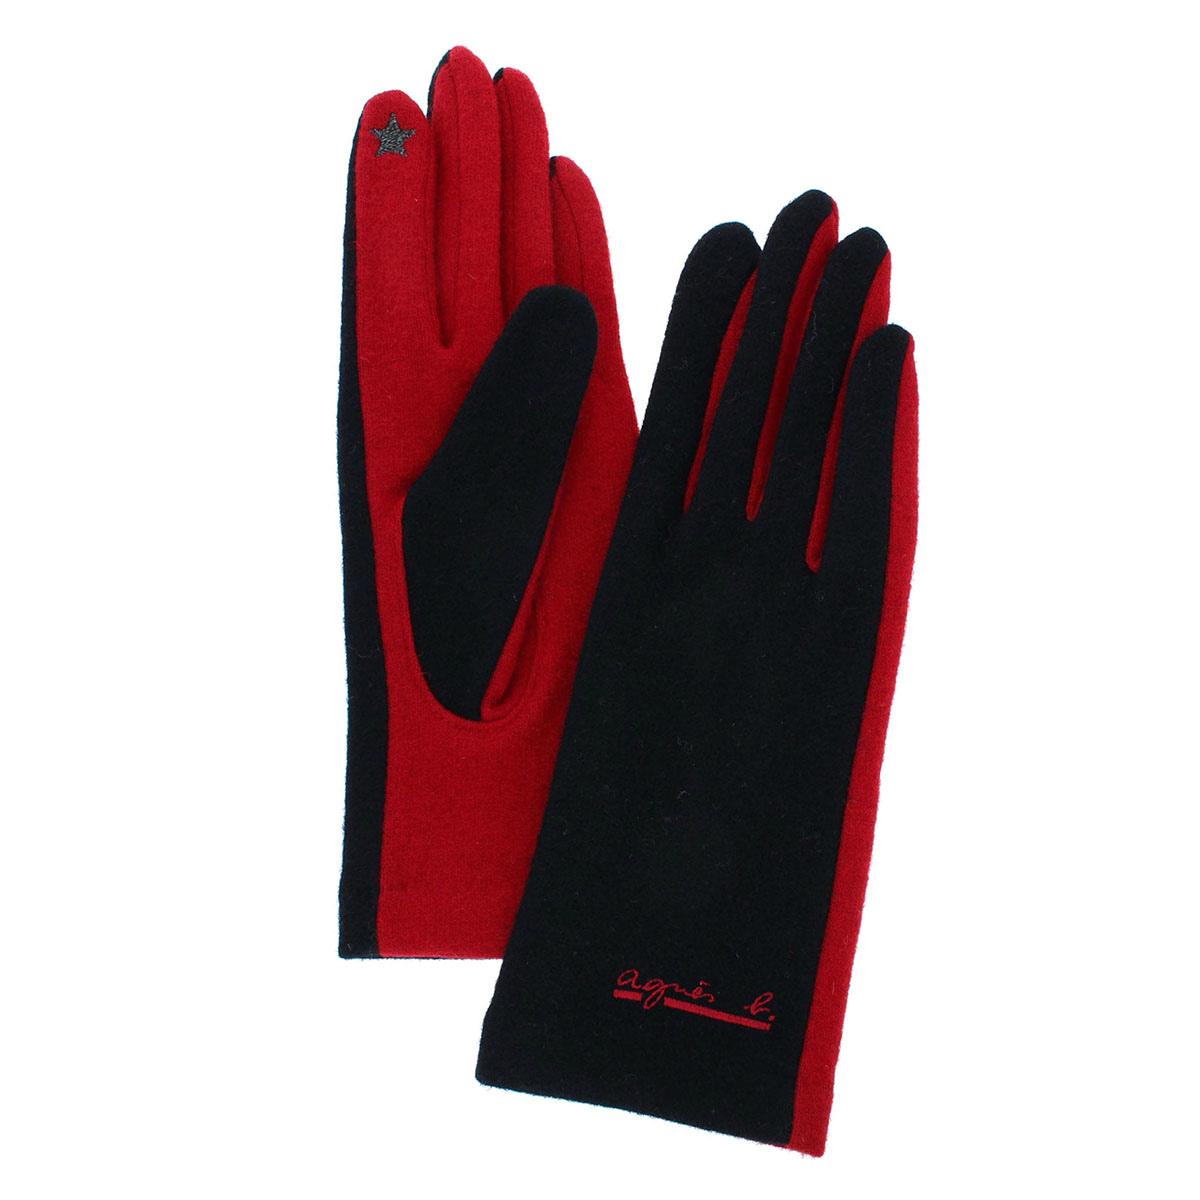 アニエスベー agnes b. レディース ウール混 ジャージ手袋 人気ブランド スマホ タッチパネル対応 五本指 バイカラー フリーサイズ プレセントに最適